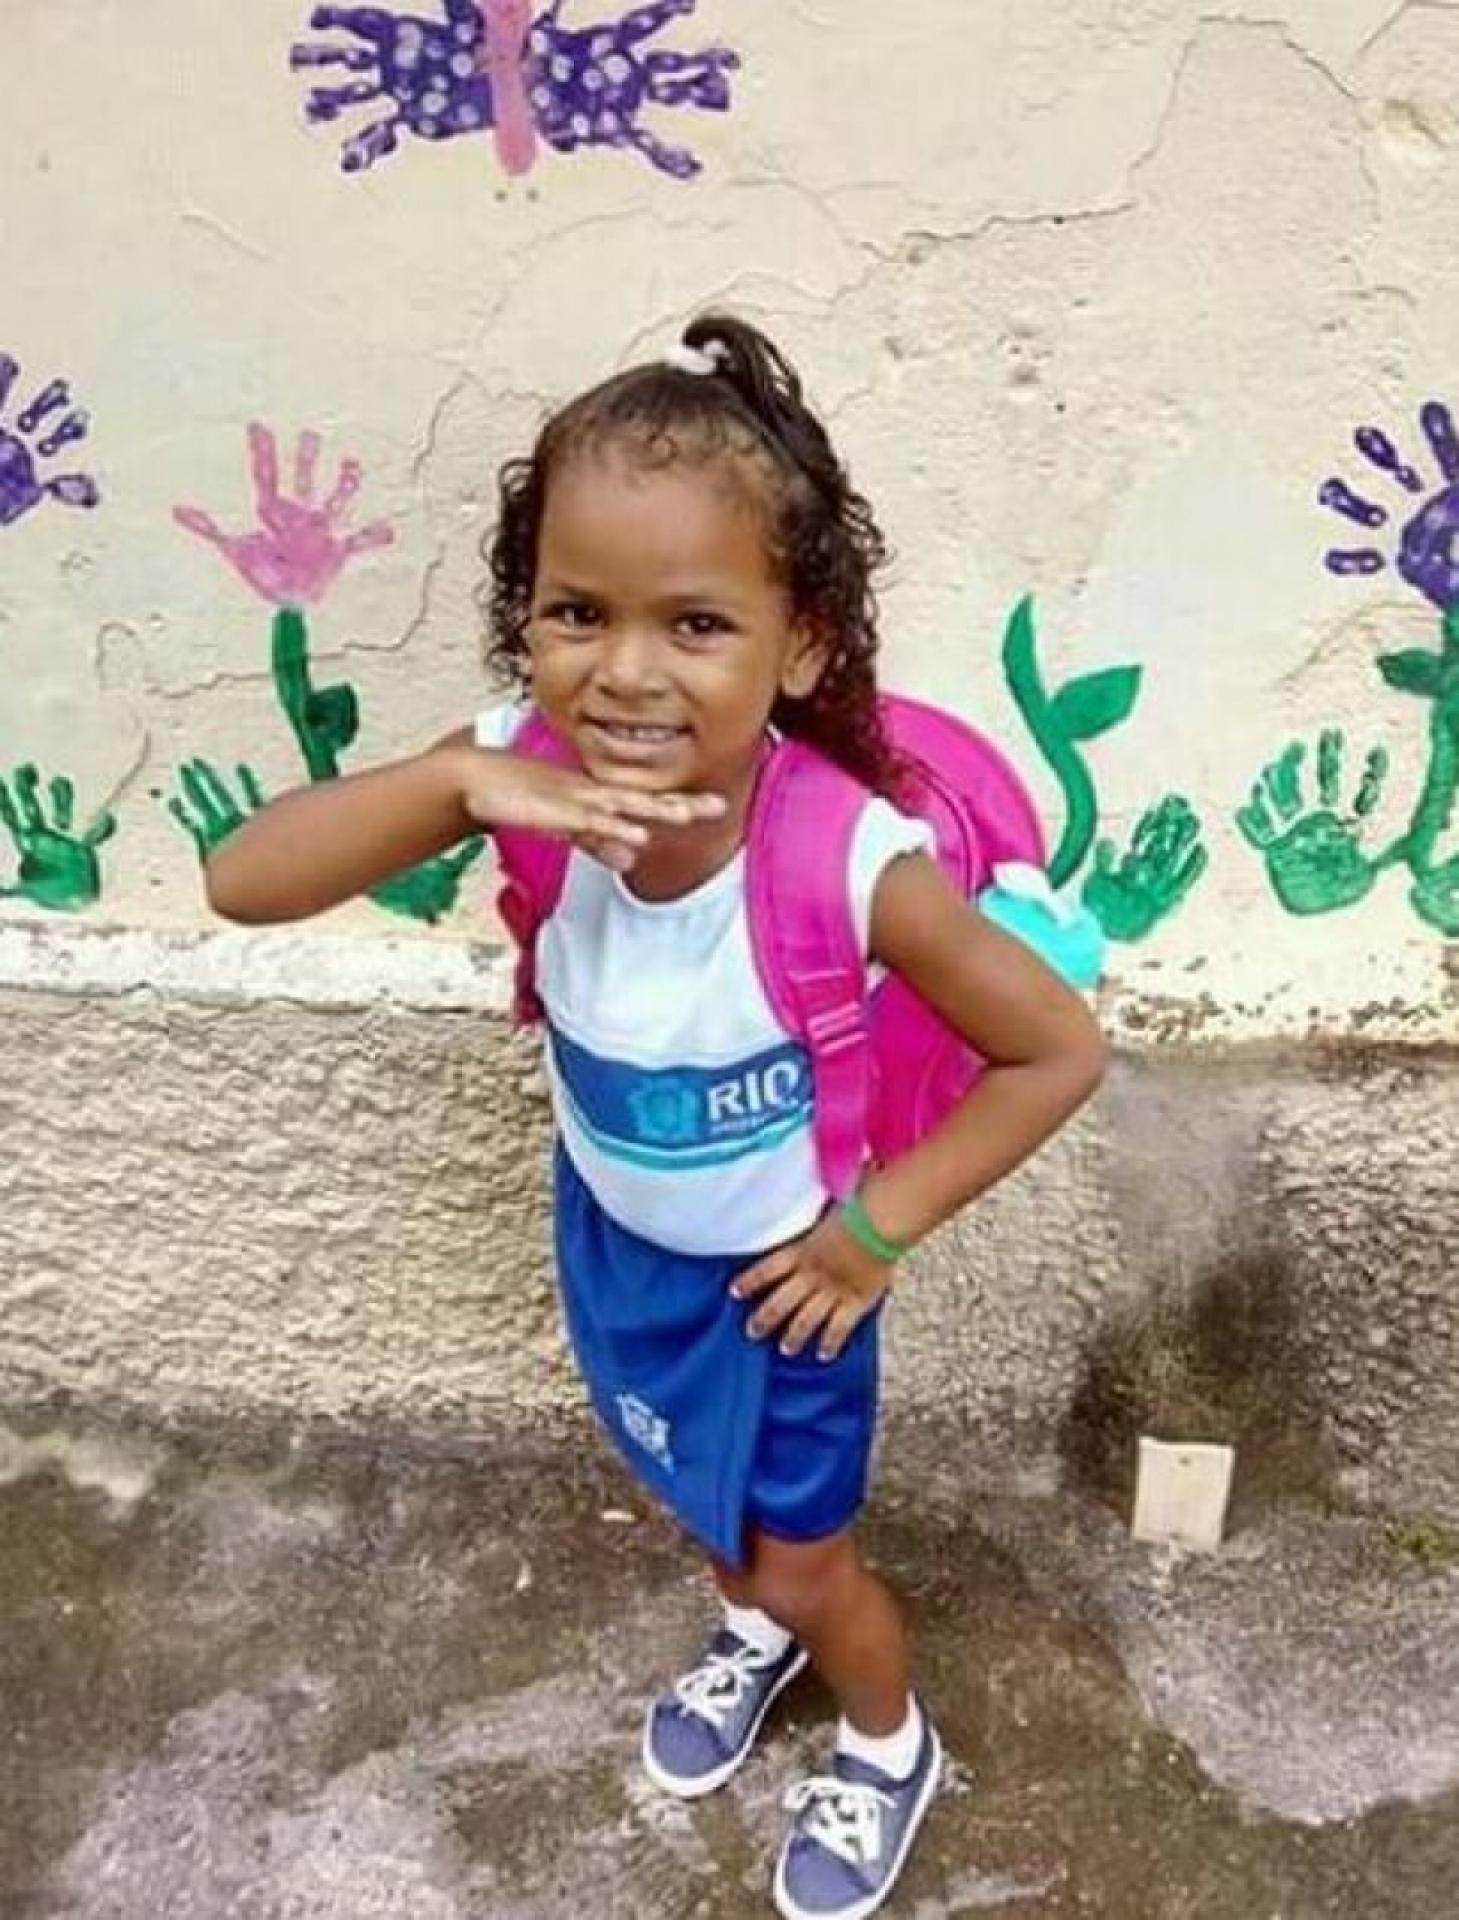 Pagodeiro ajuda família de Ketellen Umbelino de Oliveira Gomes, de 5 anos, morreu na madrugada desta quarta-feira no Hospital municipal Albert Schweitzer, em Realengo (Foto: Reprodução)